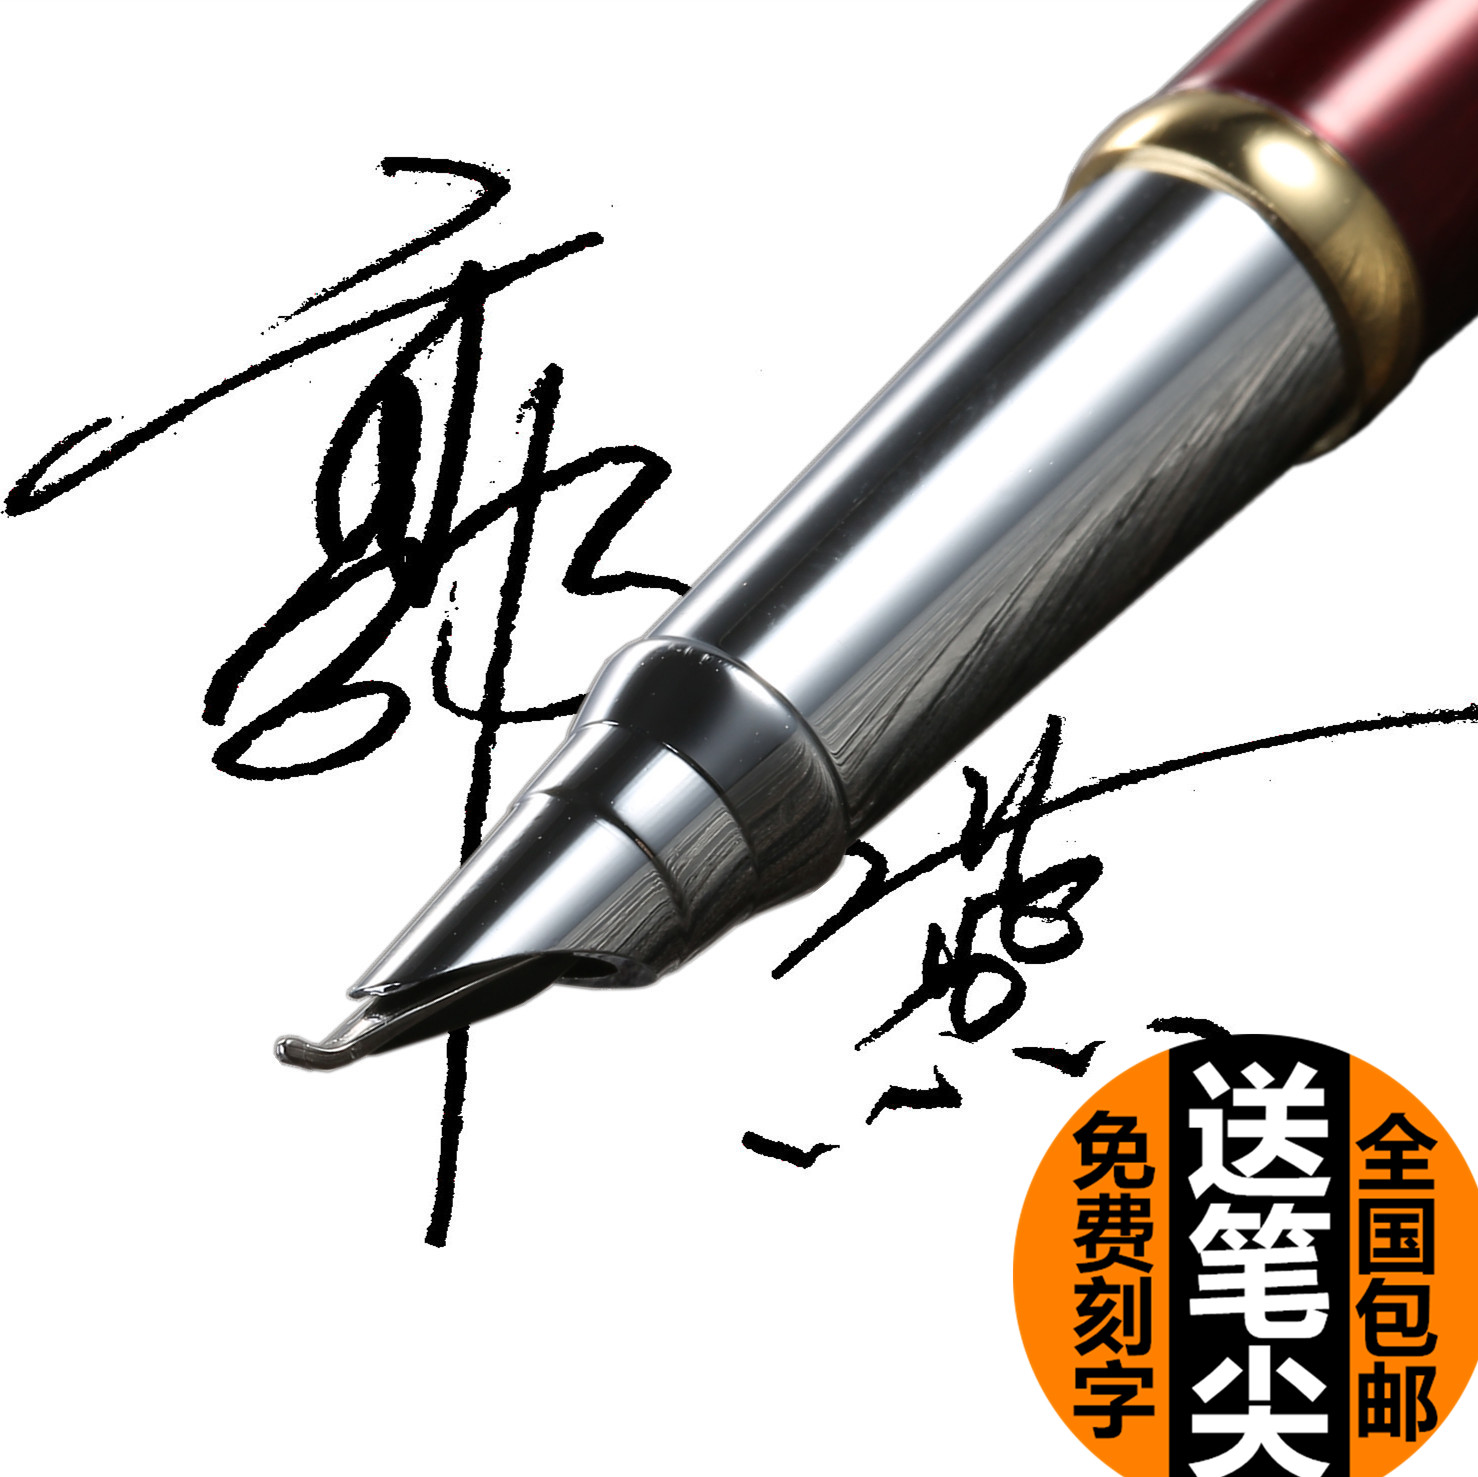 包邮弯头美工钢笔练字书法签极细粗笔尖书法学生秀丽签名墨水笔